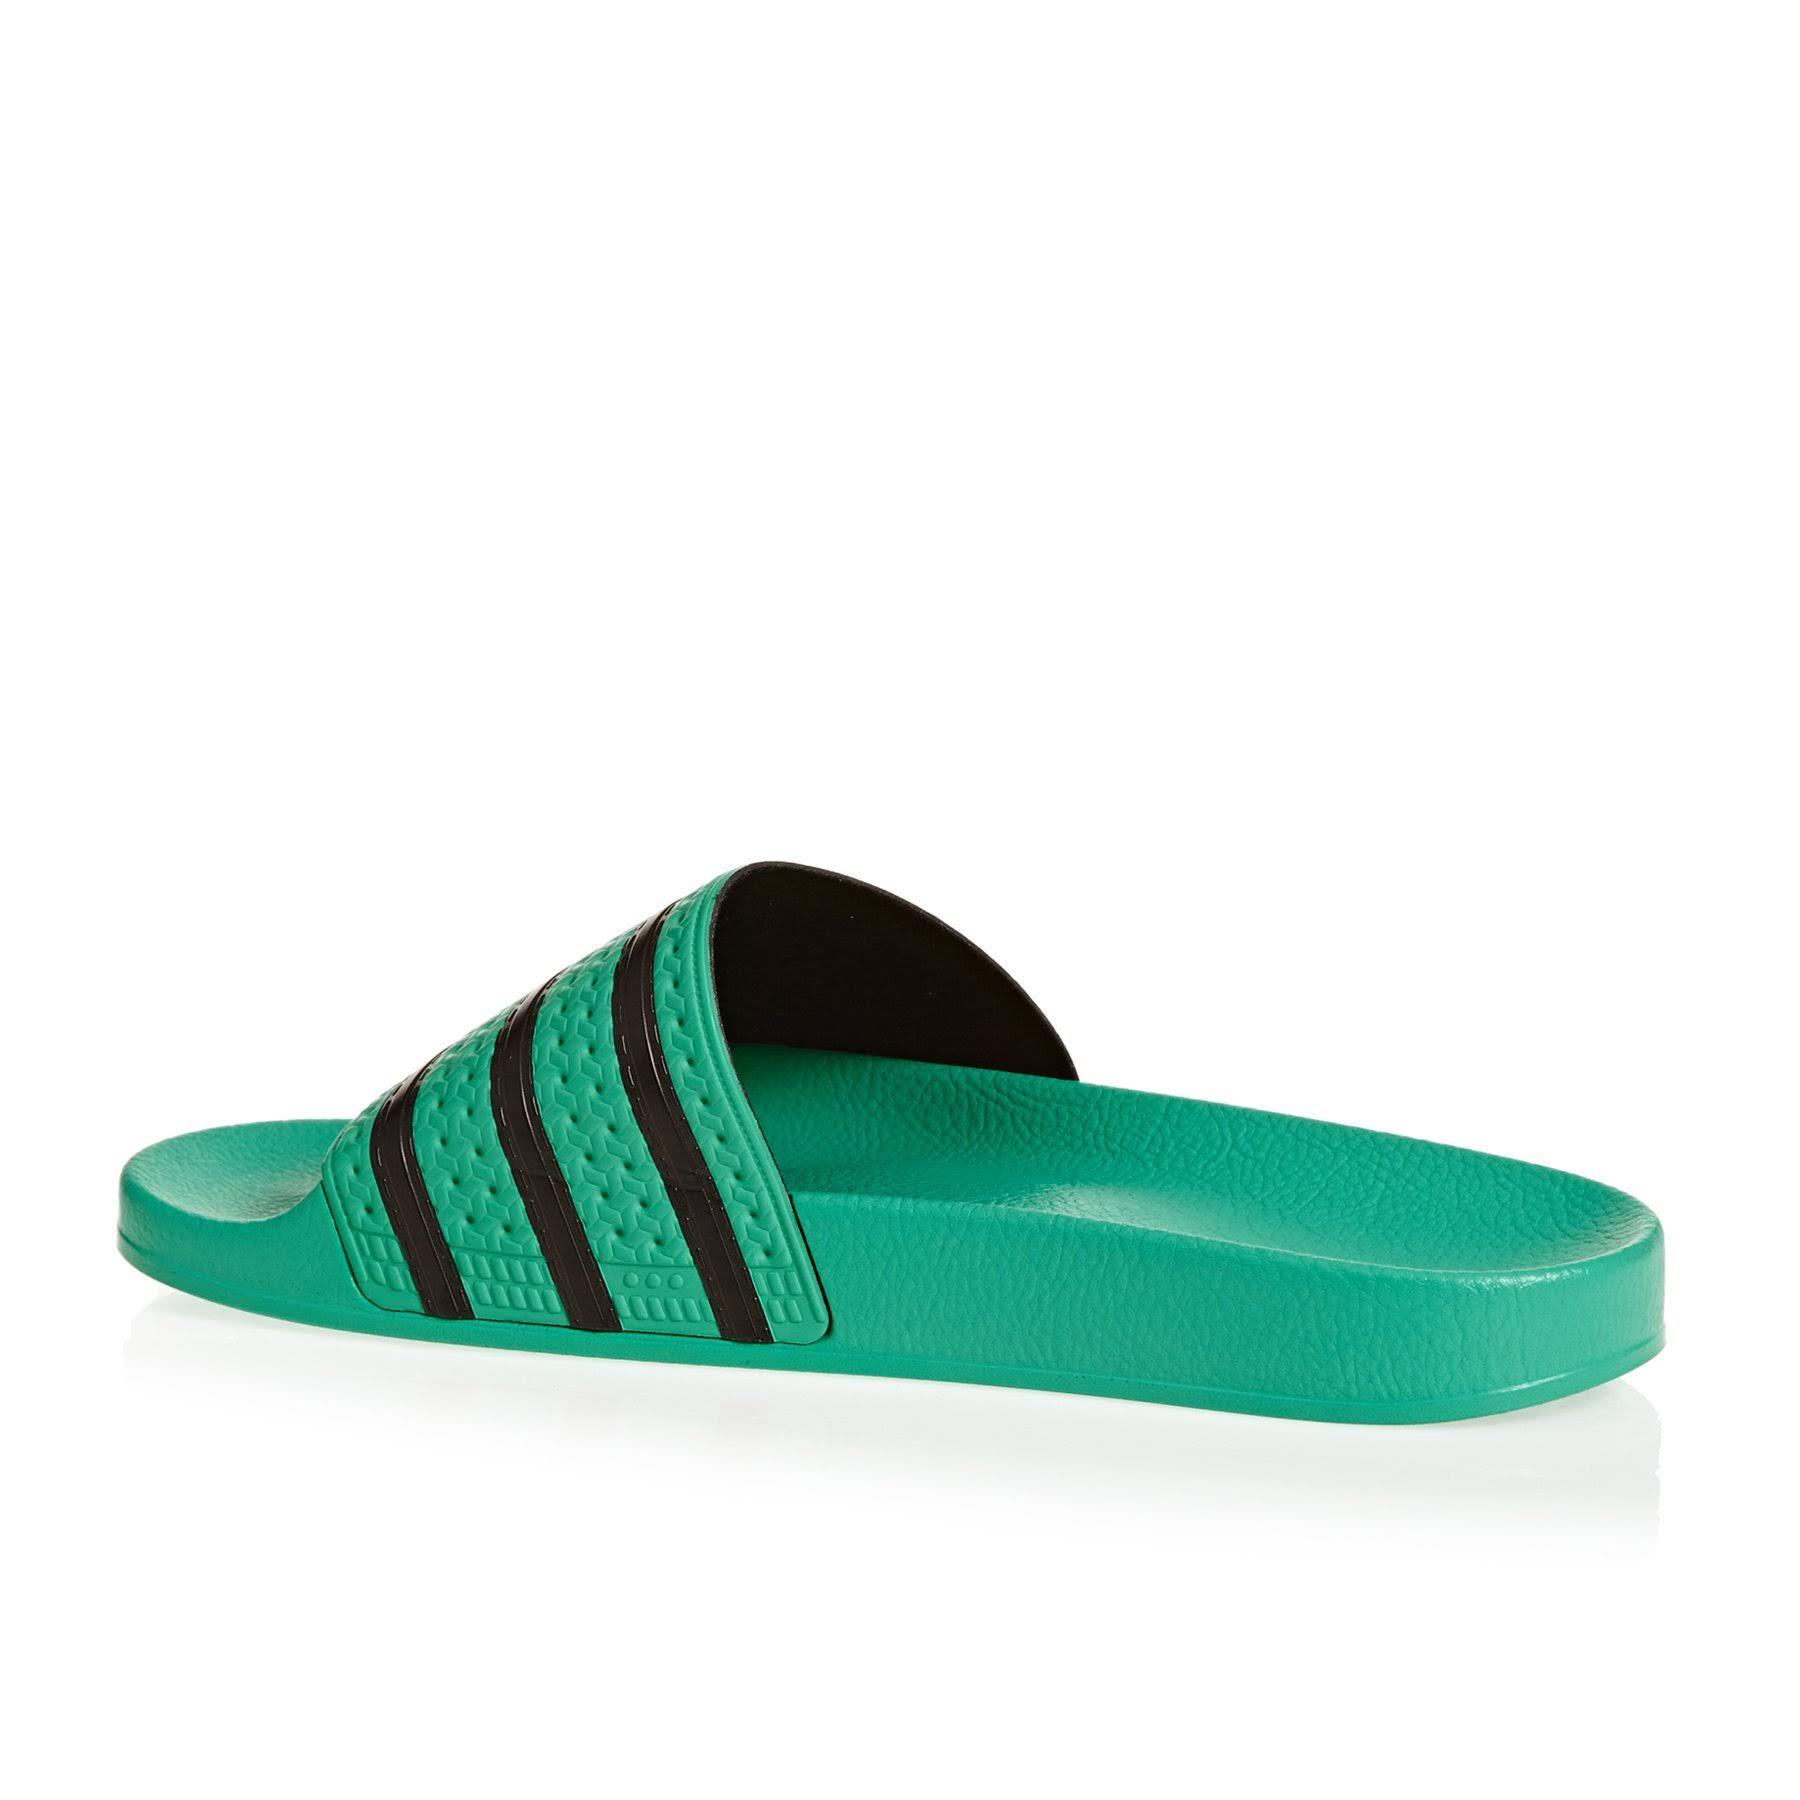 Originals Adilette Adidas Green Hi Res thCQsrxBdo